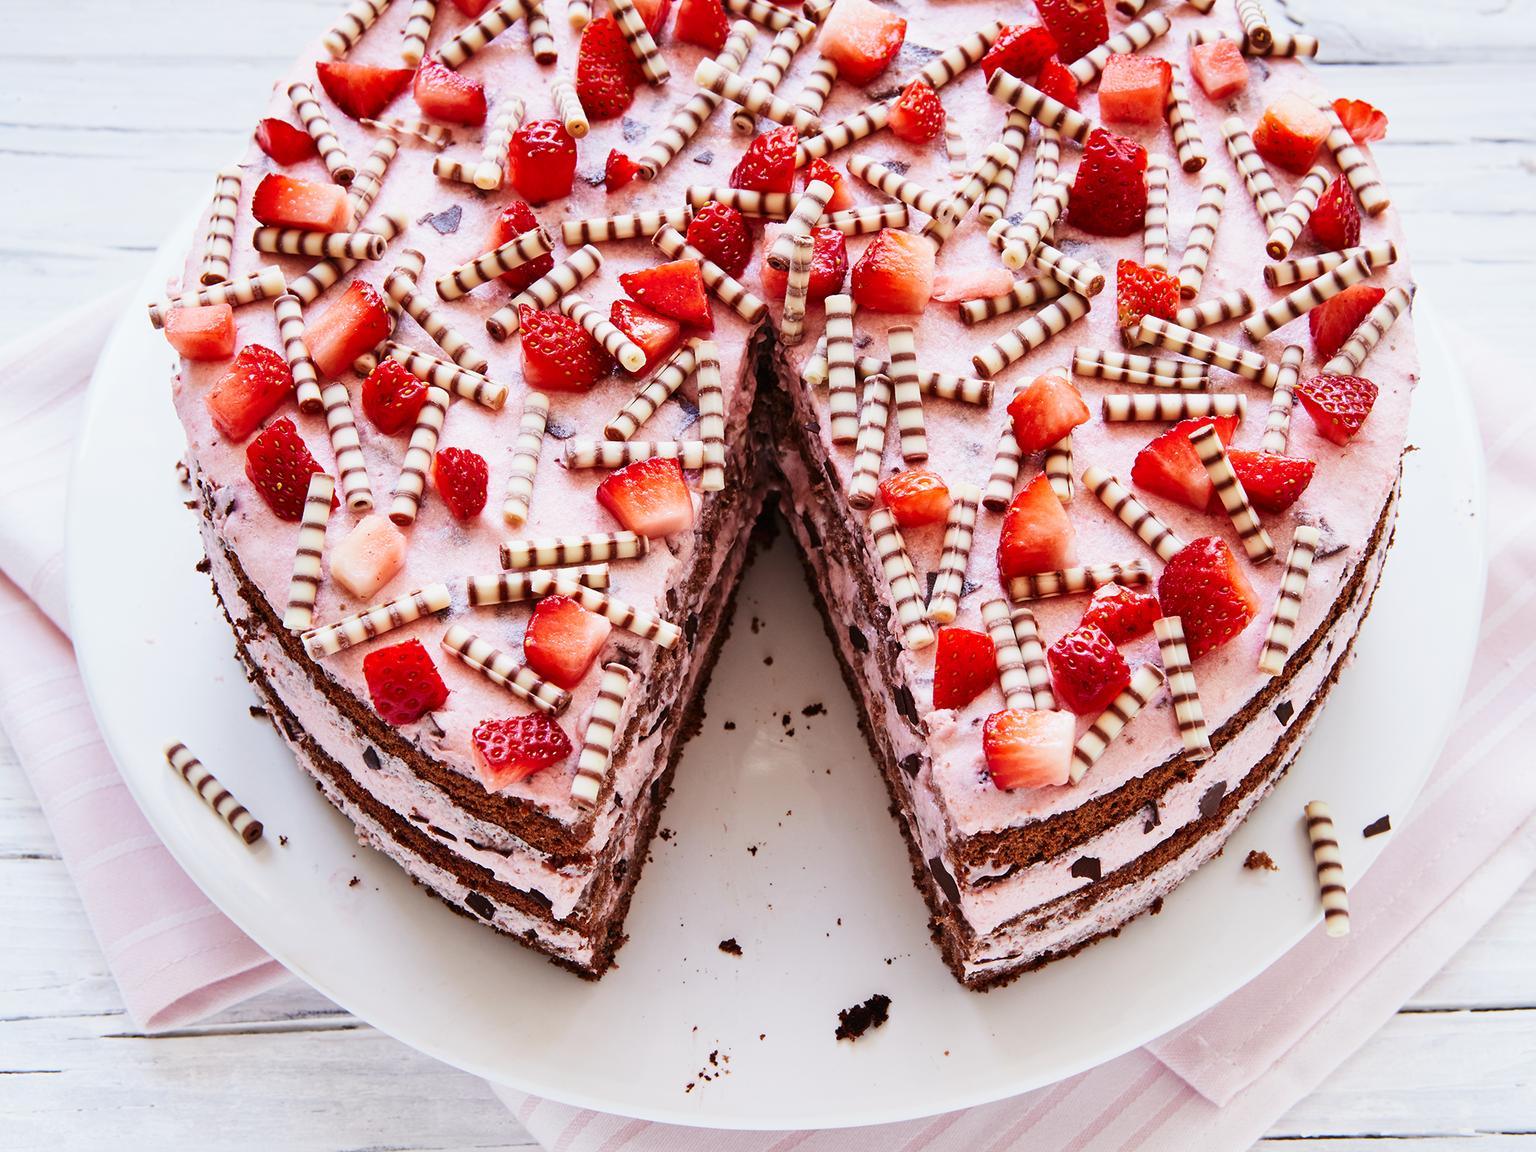 Erdbeer-Stracciatella-Torte - einfach und so lecker | Die besten Backrezepte mit Gelinggarantie